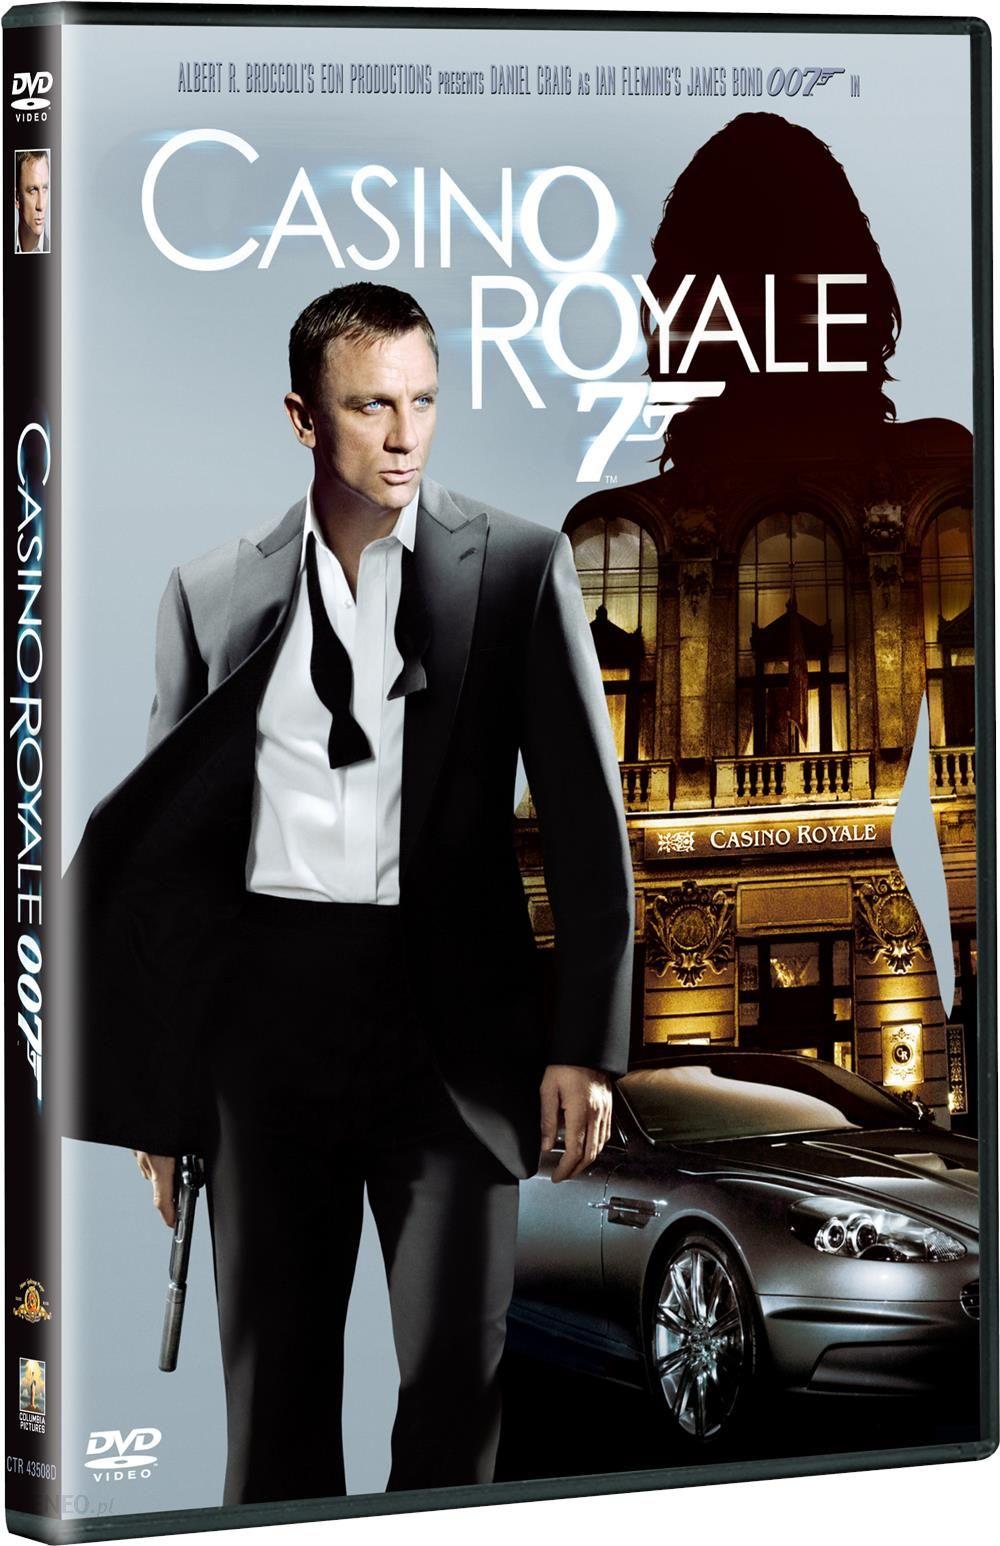 007 casino royale hayeren cruise ship with biggest casino